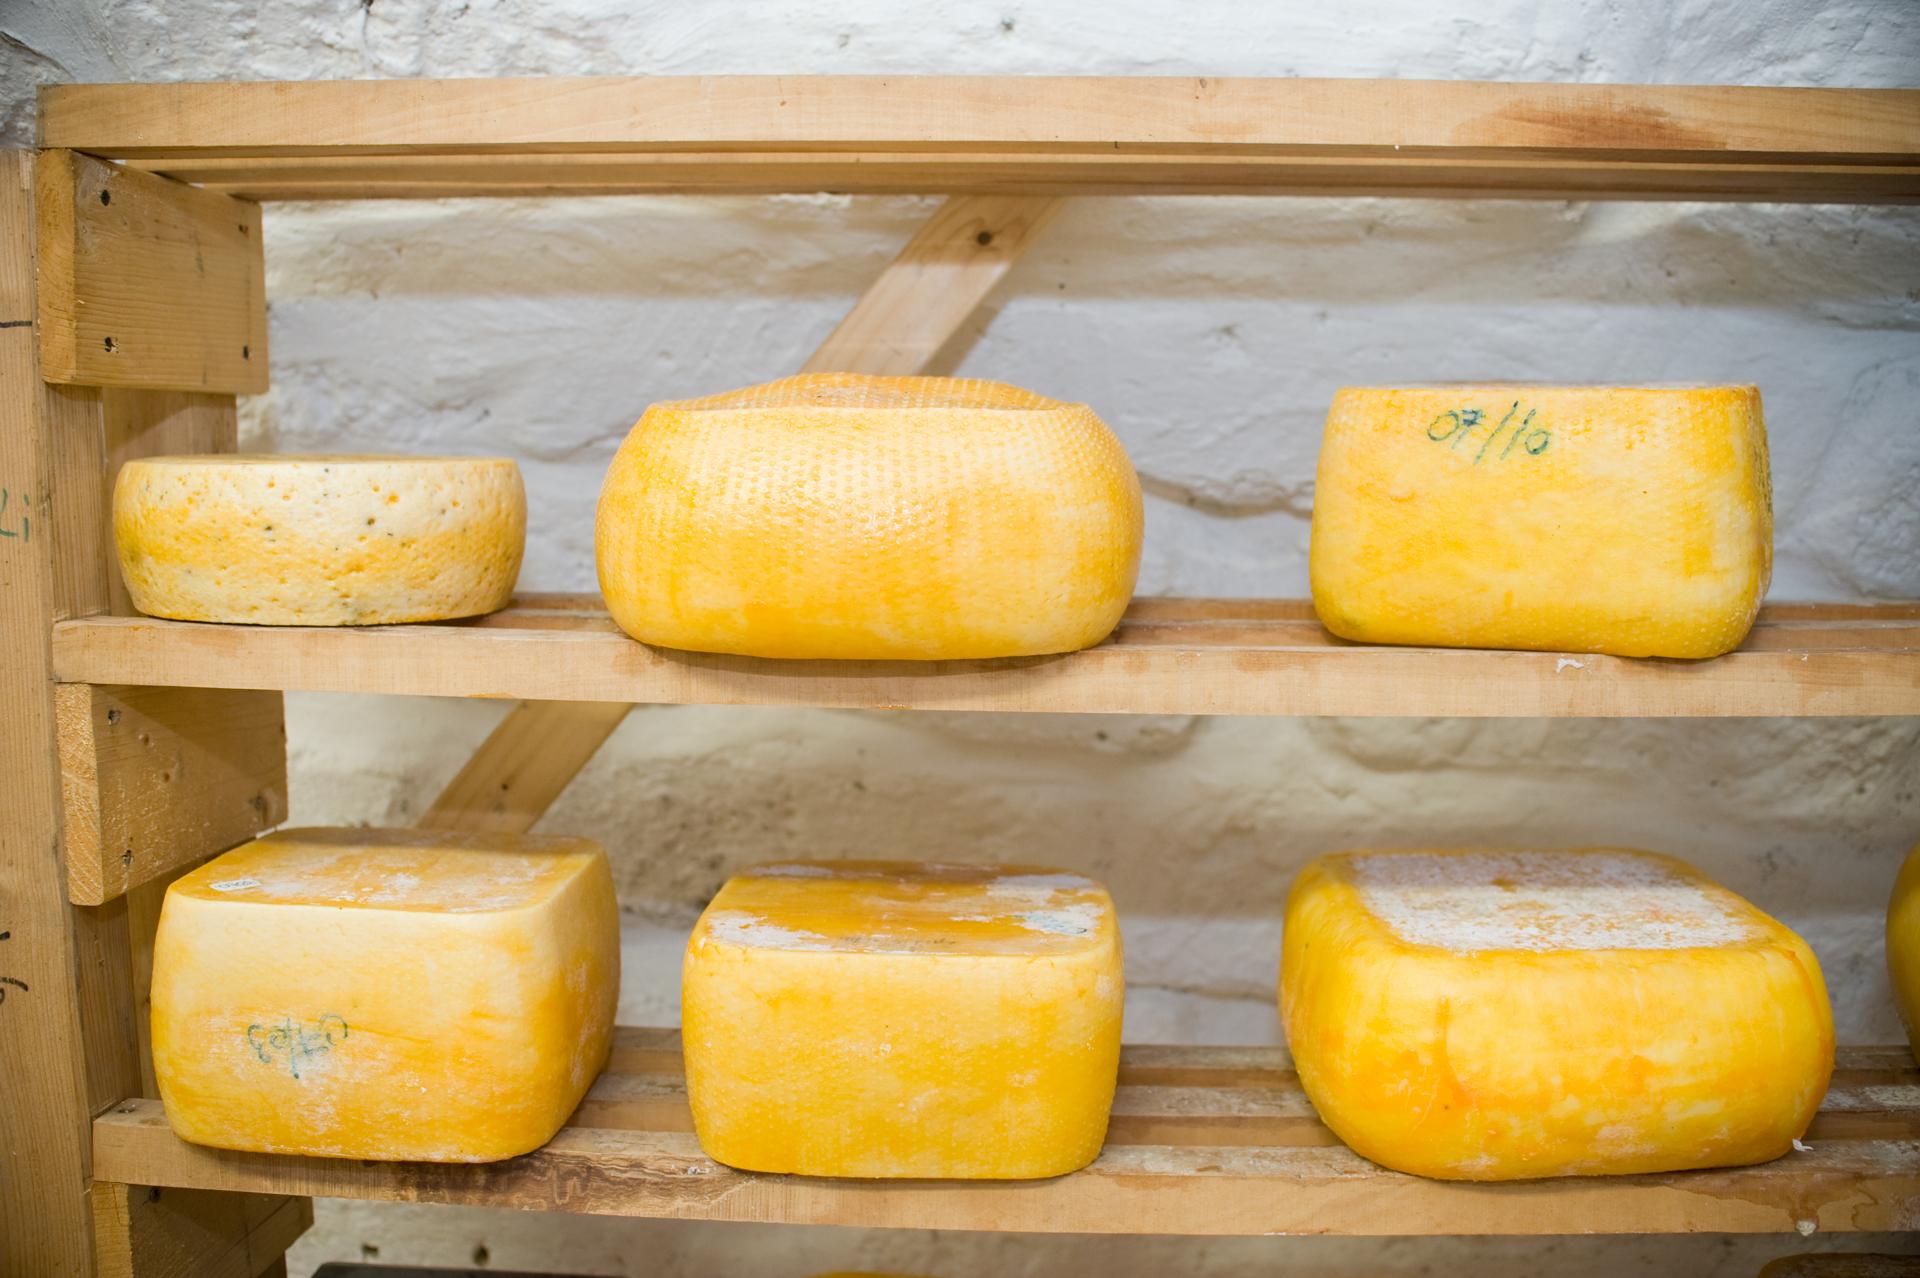 Érlelt sajtok a polcokon